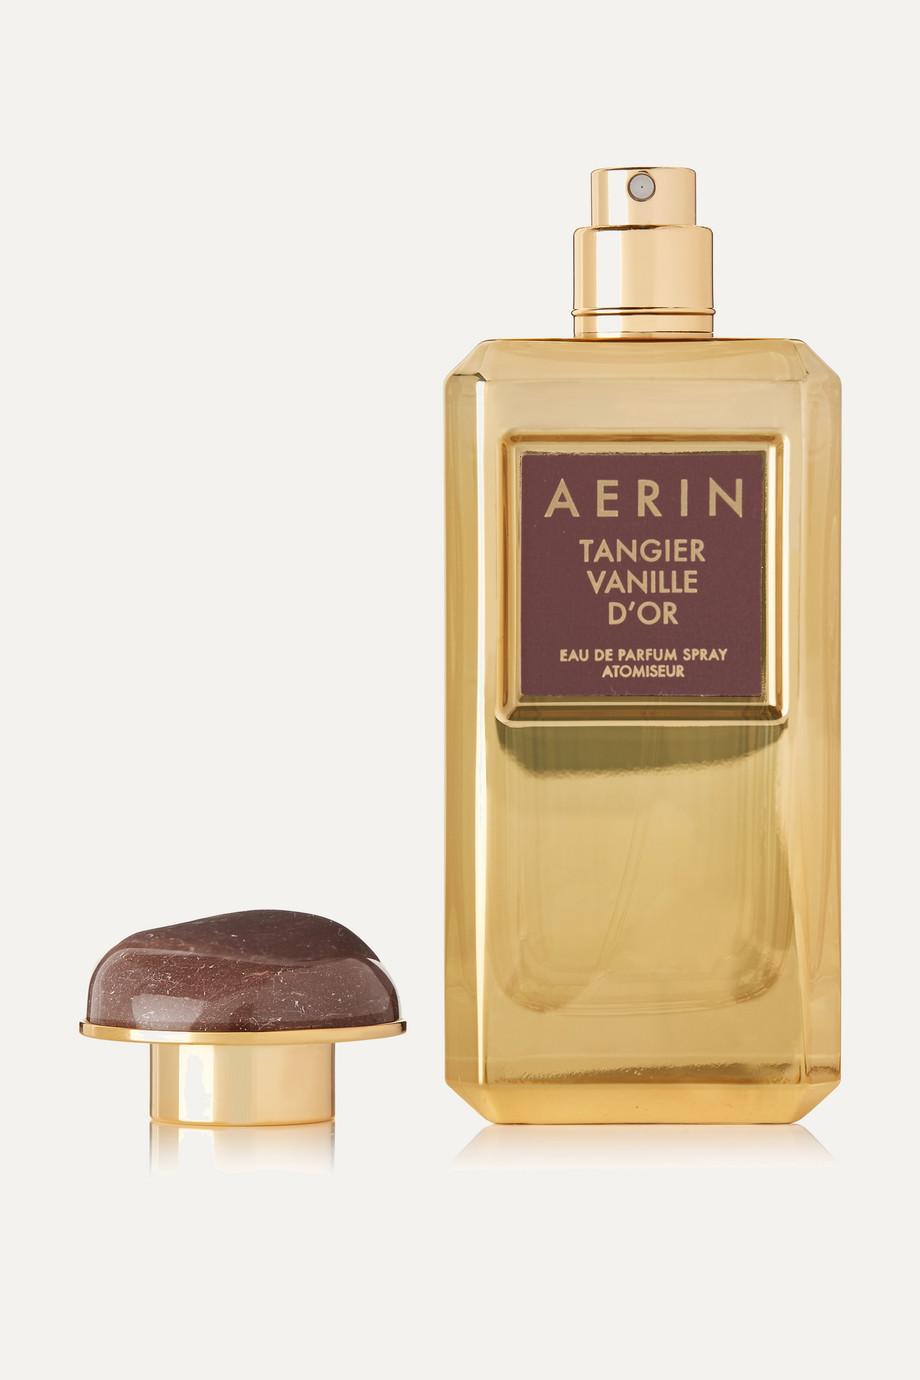 AERIN Beauty Tangier Vanille d'Or, 100 ml – Eau de Parfum